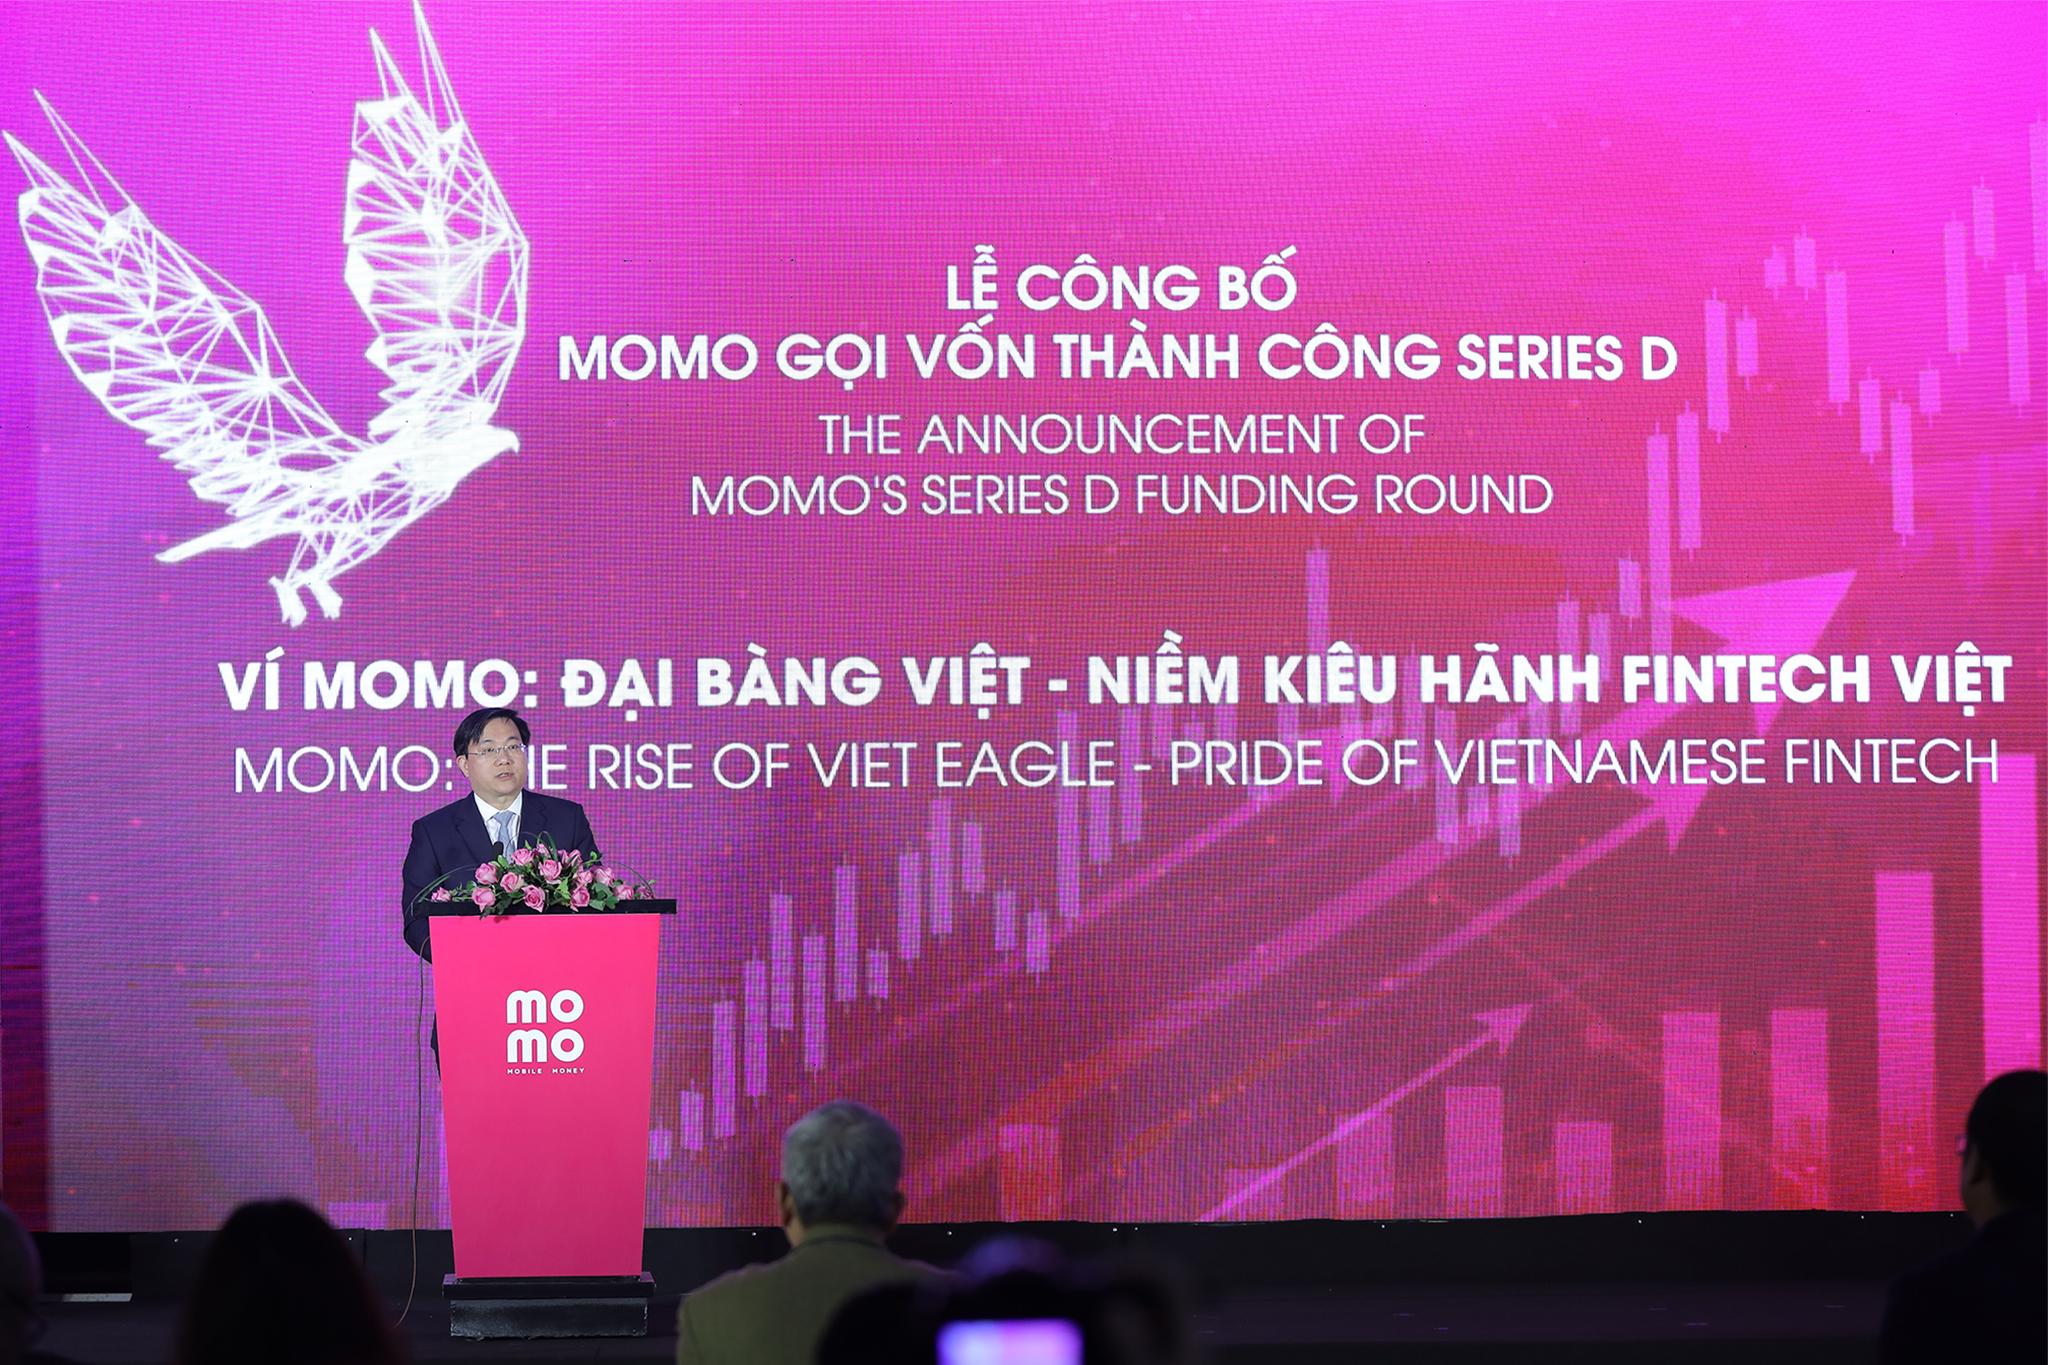 Không phải đi đâu, không phải tiếp đón ai, siêu ứng dụng Momo do người Việt xây dựng tiếp tục được một loạt nhà đầu tư ngoại bơm vốn - Ảnh 1.